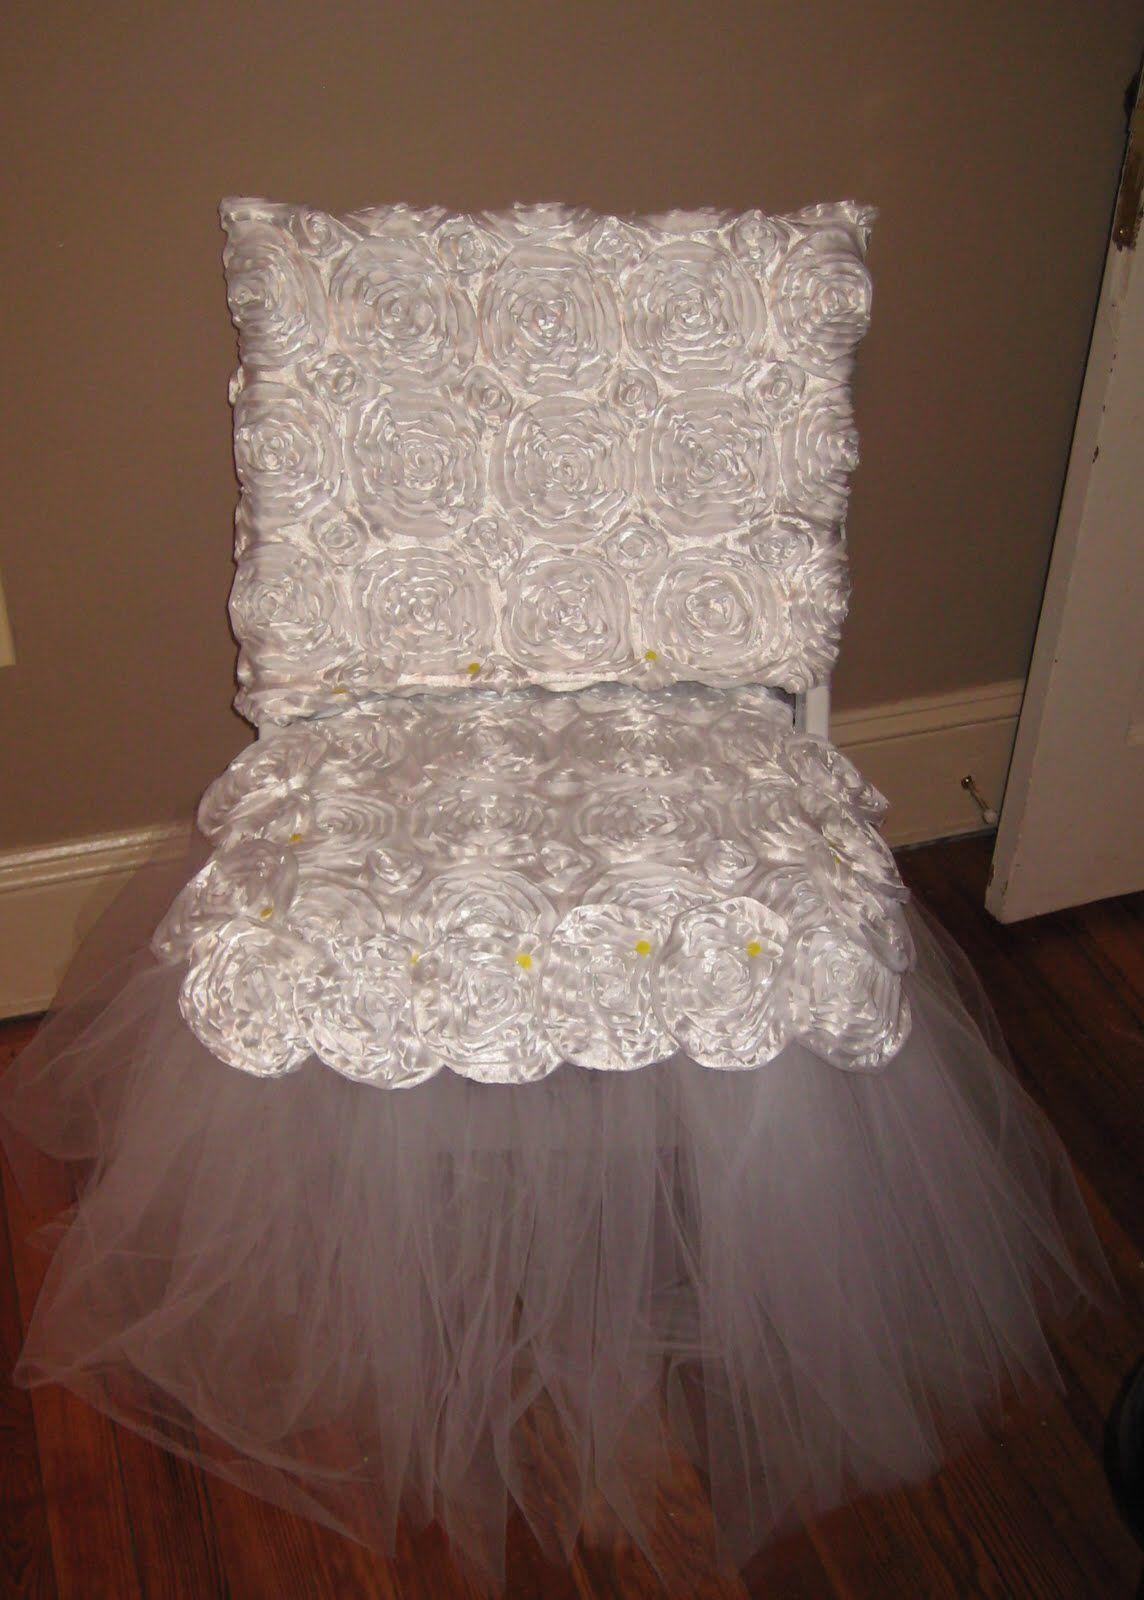 Image from http://1.bp.blogspot.com/_6DJsJUz9bmQ/TGDh3r8IChI/AAAAAAAAApA/CNOmX6AzGRU/s1600/bride+chair+4.JPG.